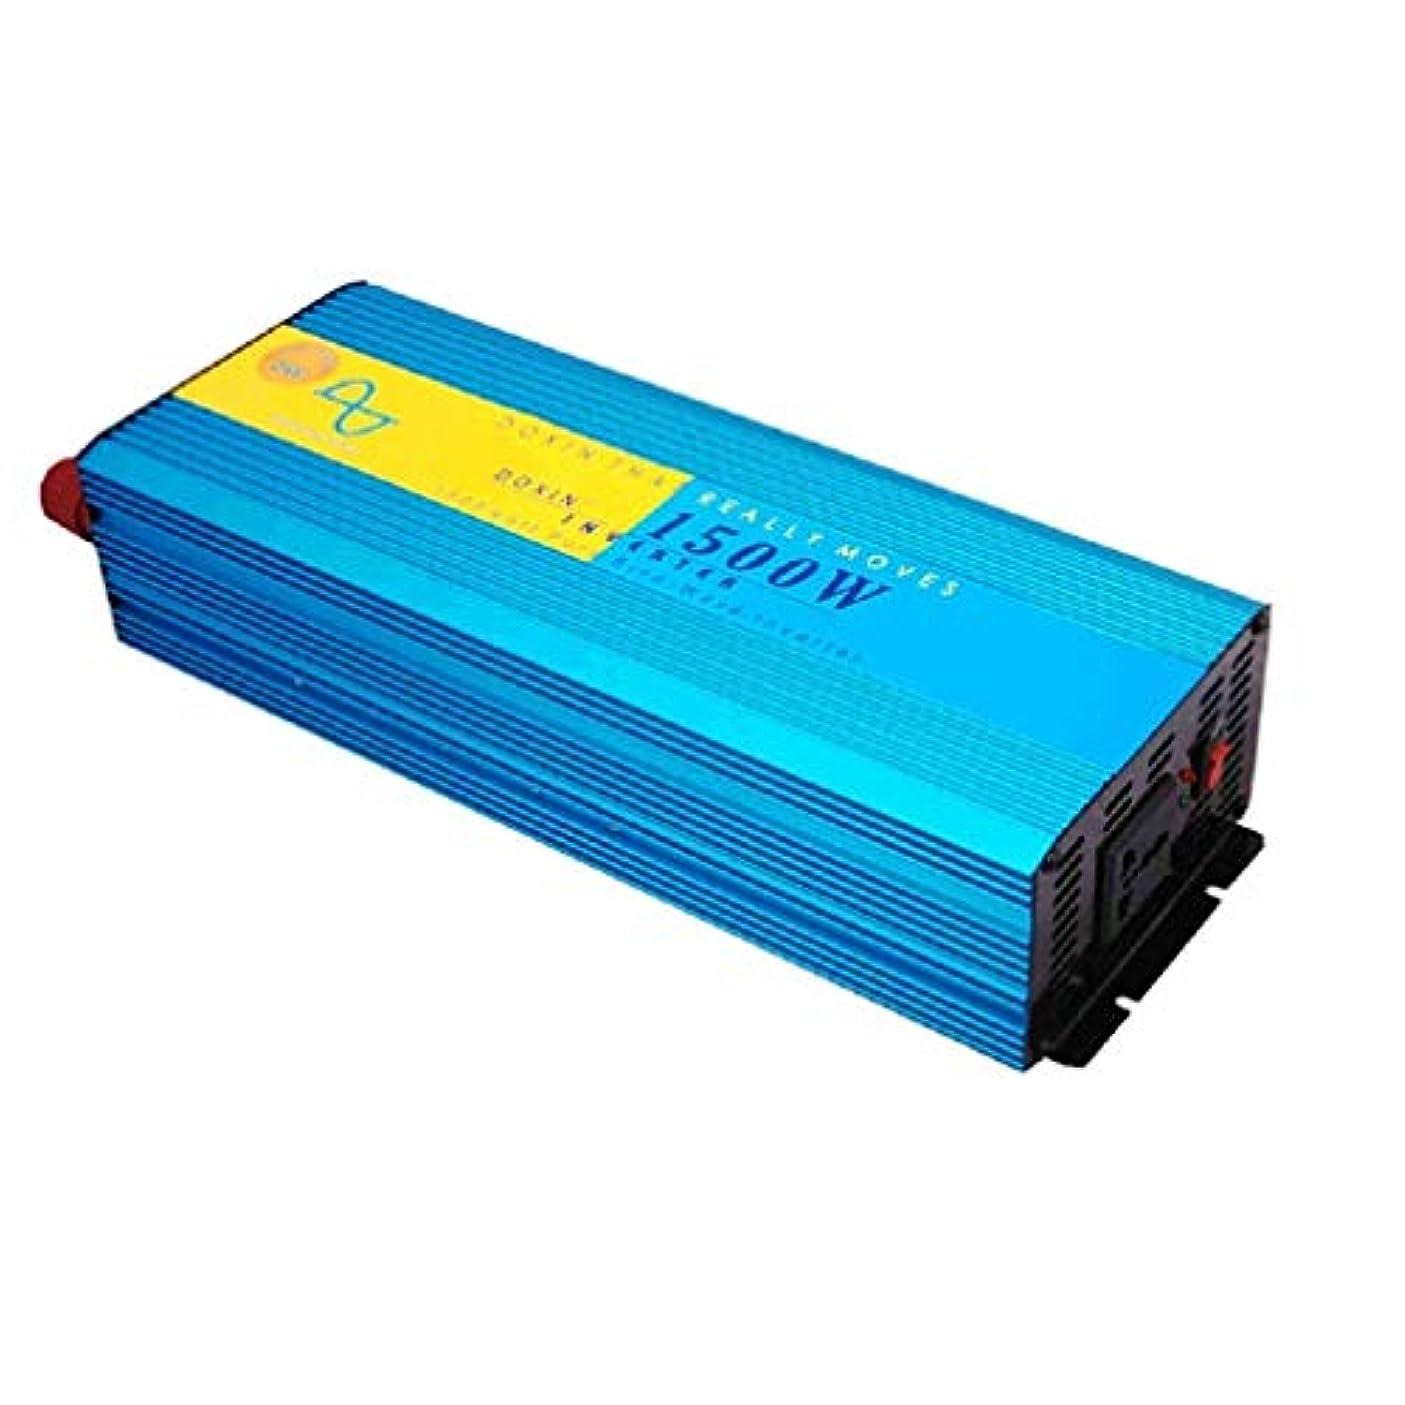 幻想的バイアス承知しました1500W車用パワーインバーター、12V / 24Vから220v電気自動車用インバーター車用パワーコンバーター車用パワーインバーター(サイズ:24V / 220V / 1500W)